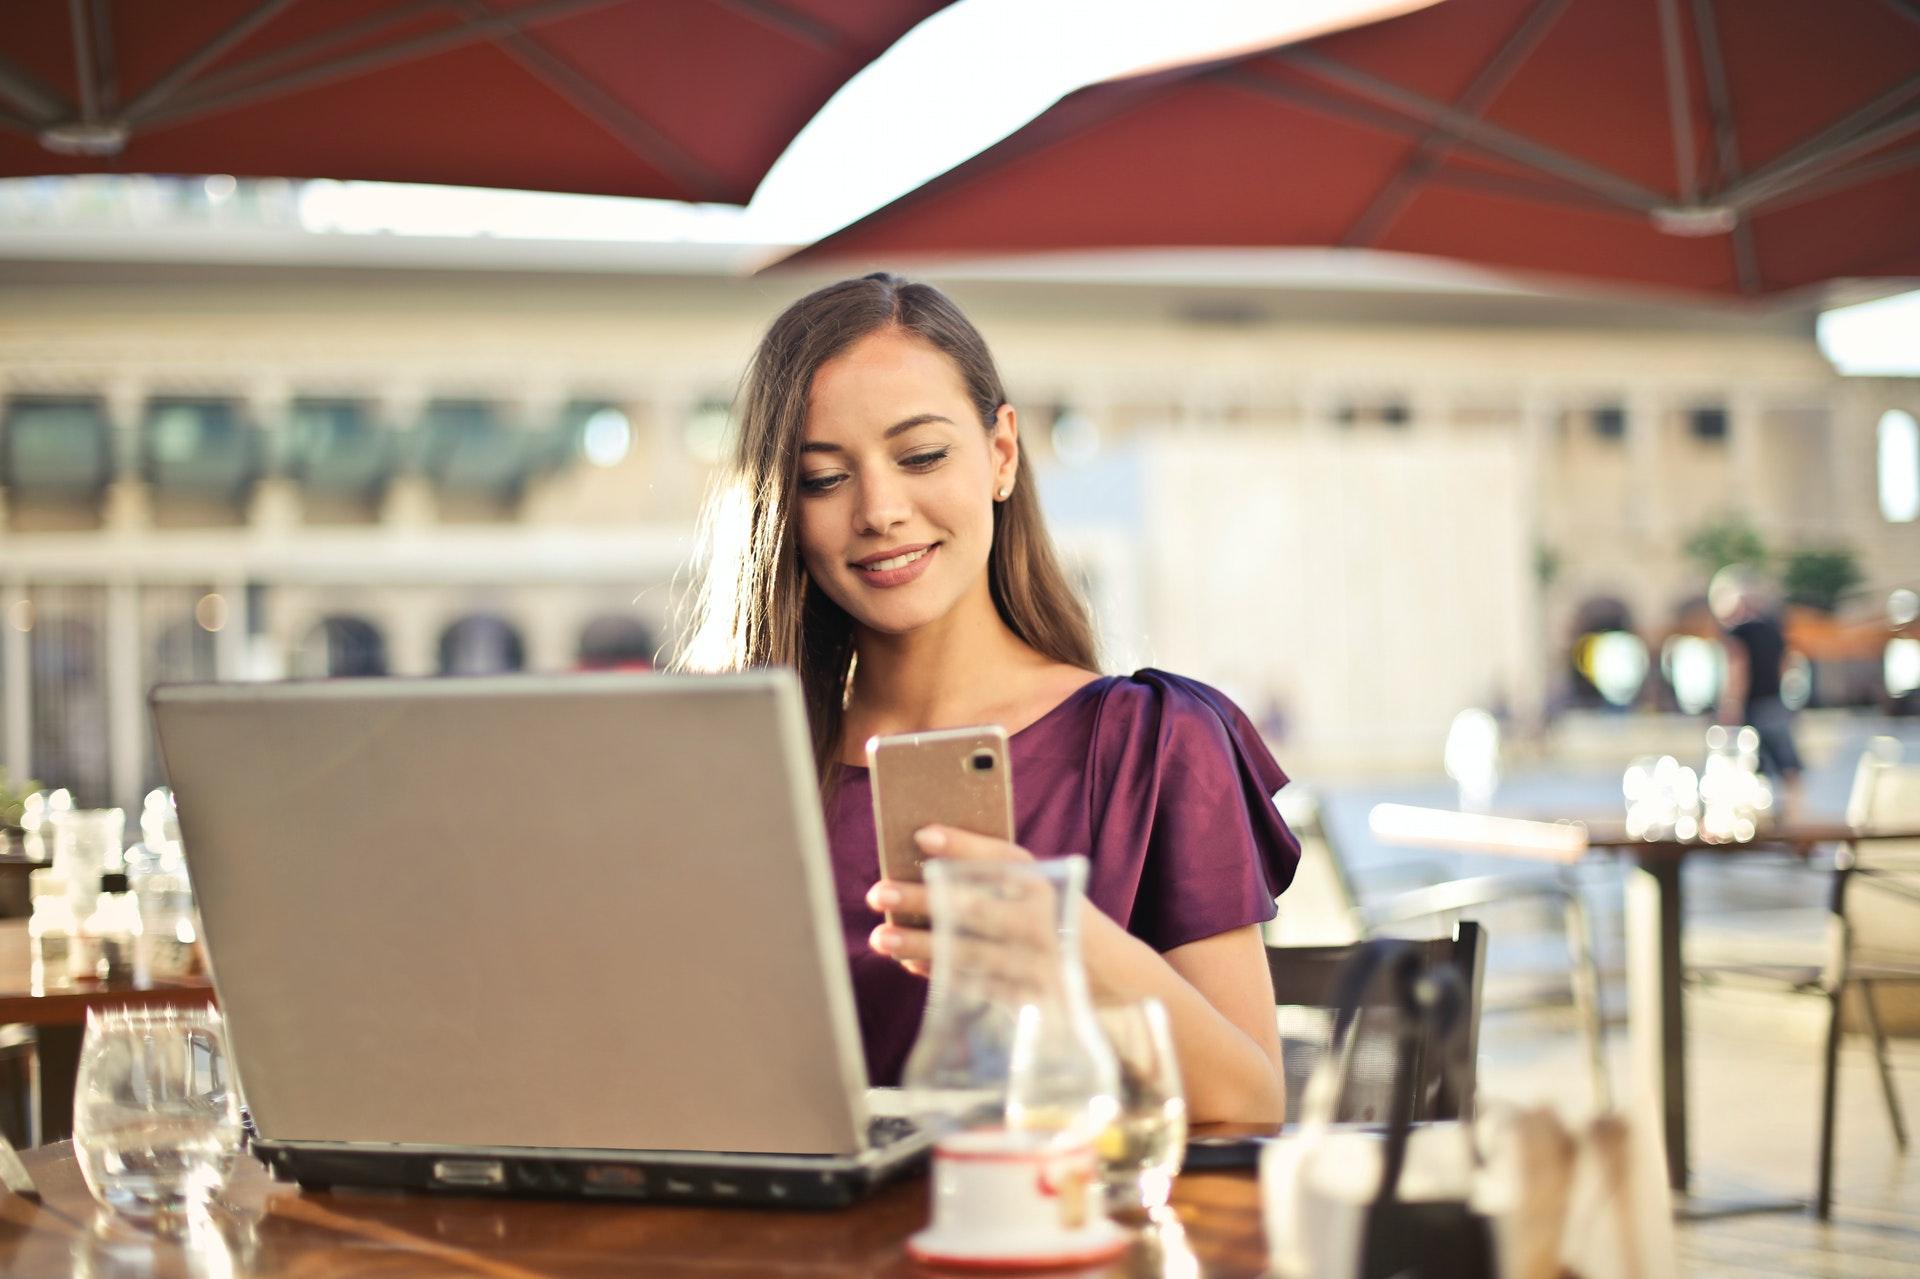 Si eres cliente de ADT, puedes acceder a cientos de ofertas y ventajas gracias al Club ADT.